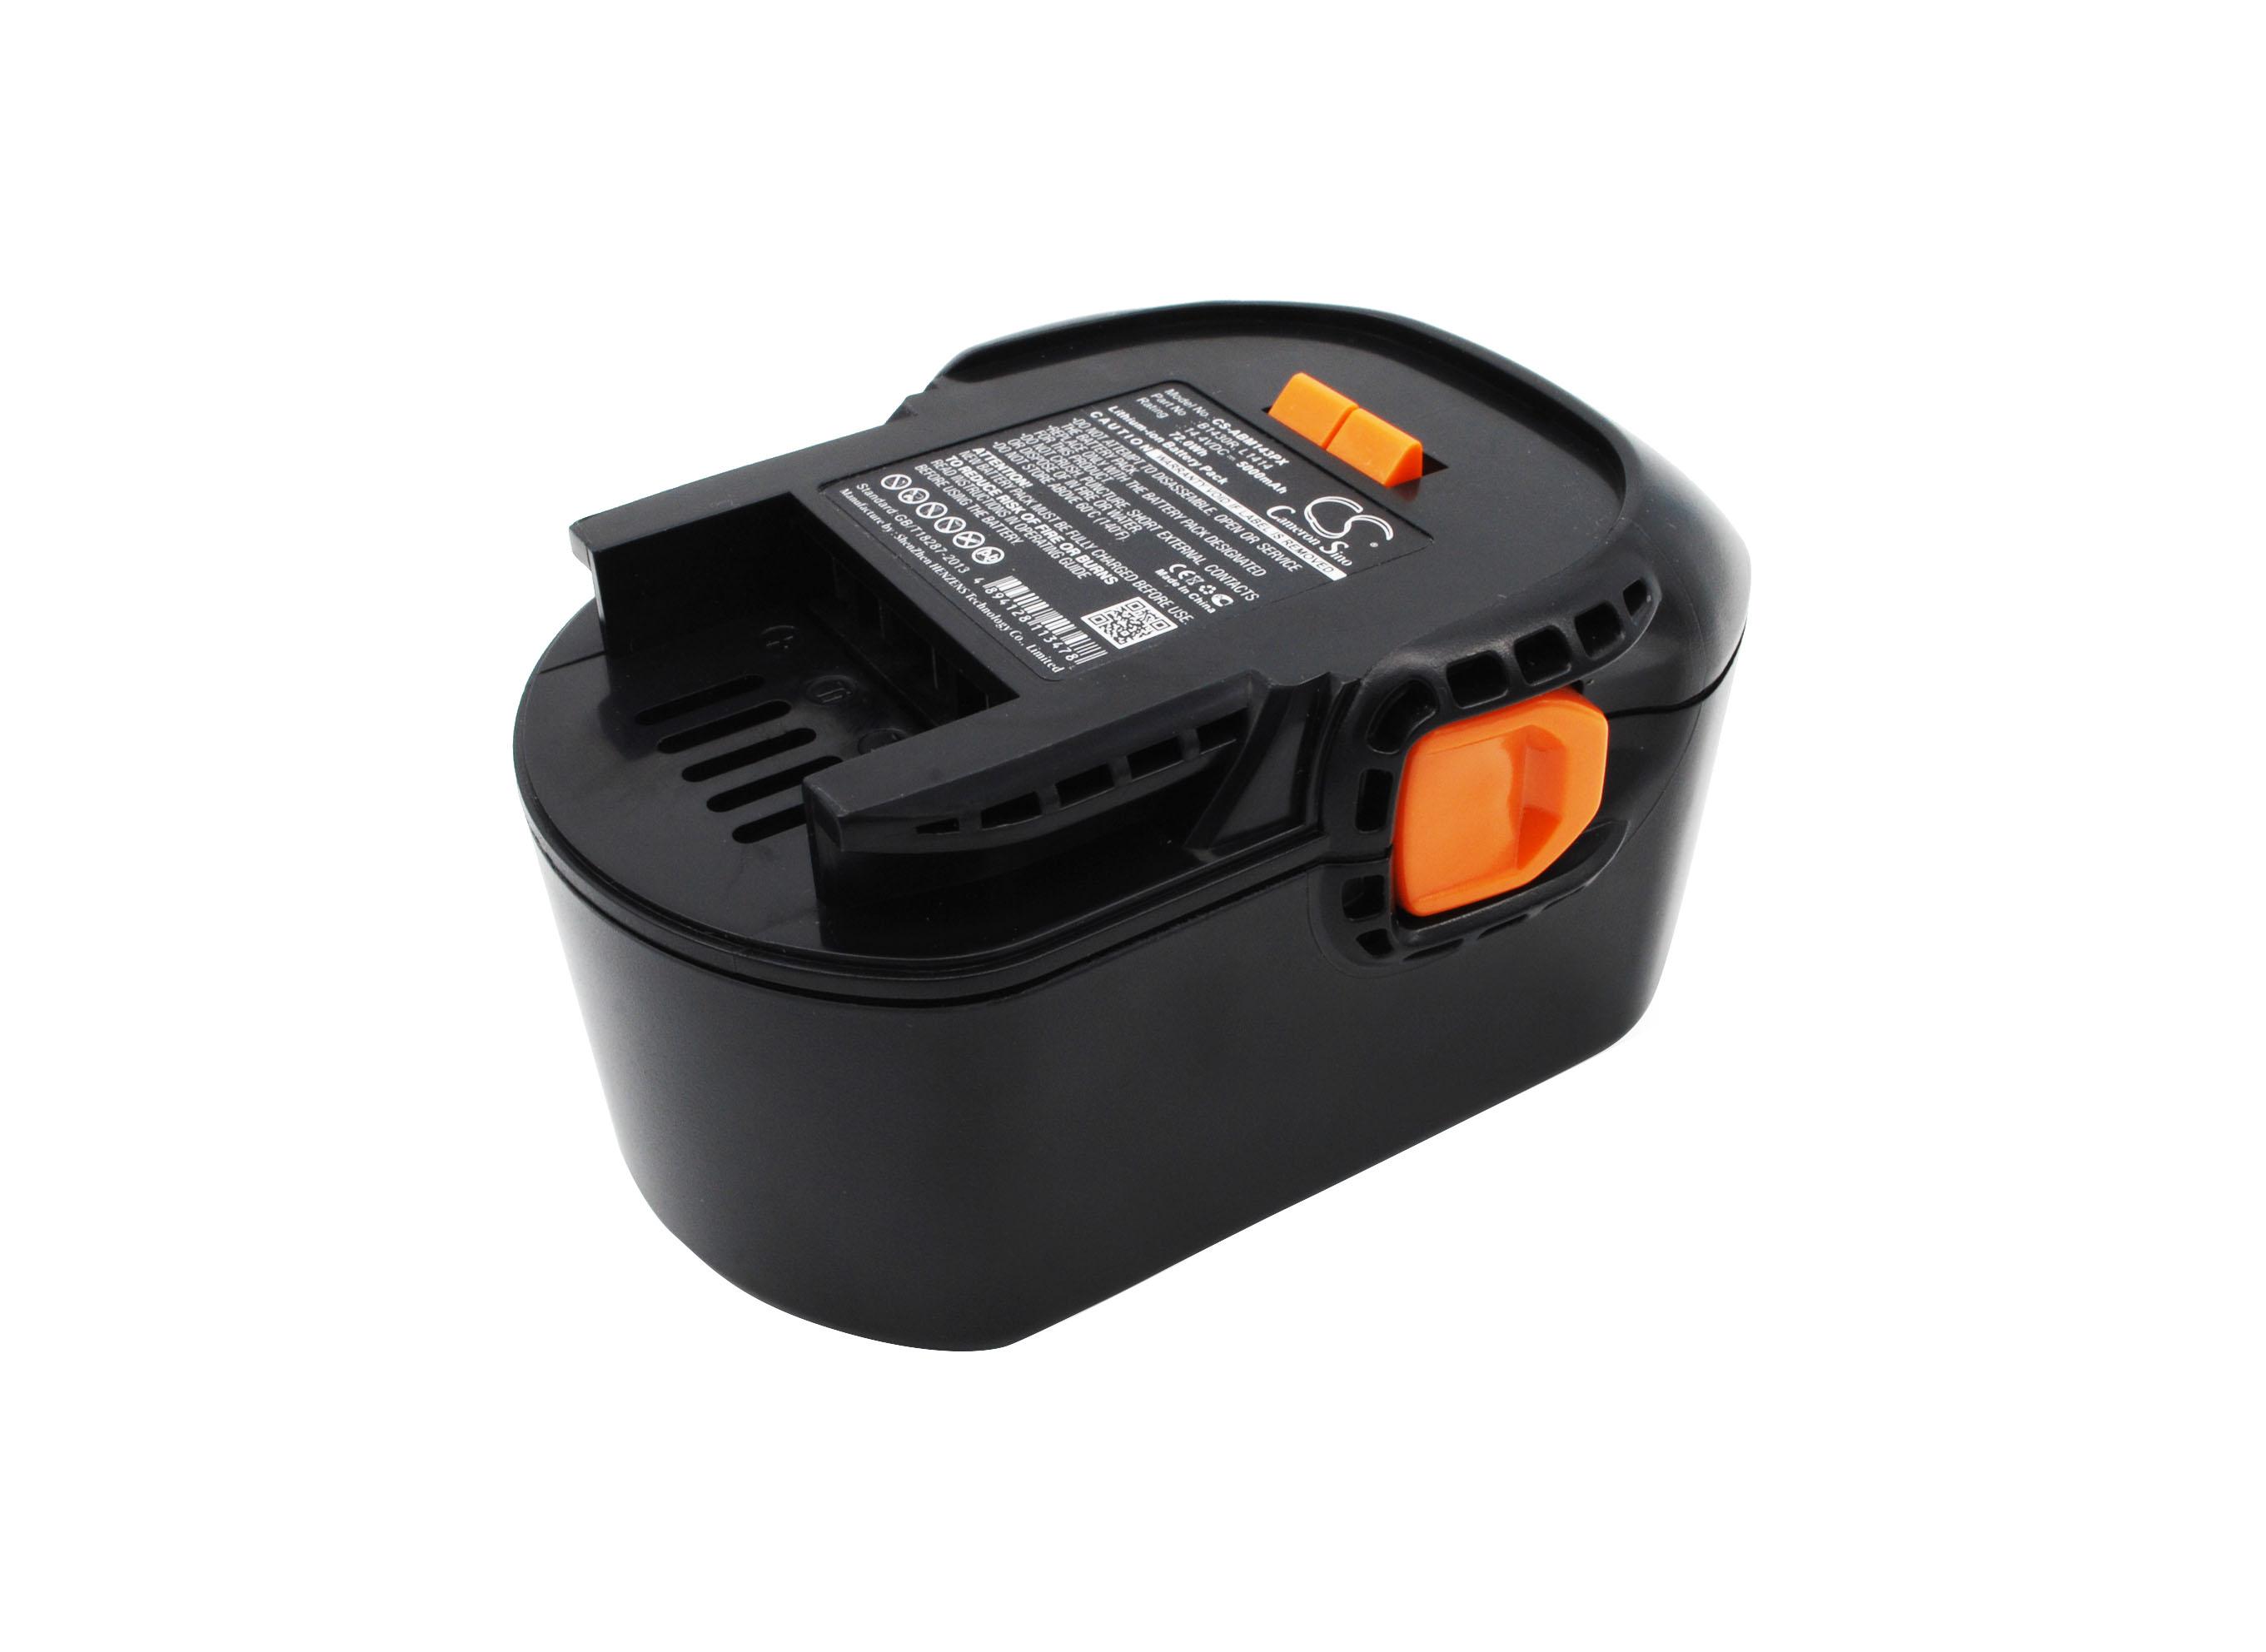 Cameron Sino baterie do nářadí pro AEG BSB 14 STX-R 14.4V Li-ion 5000mAh černá - neoriginální